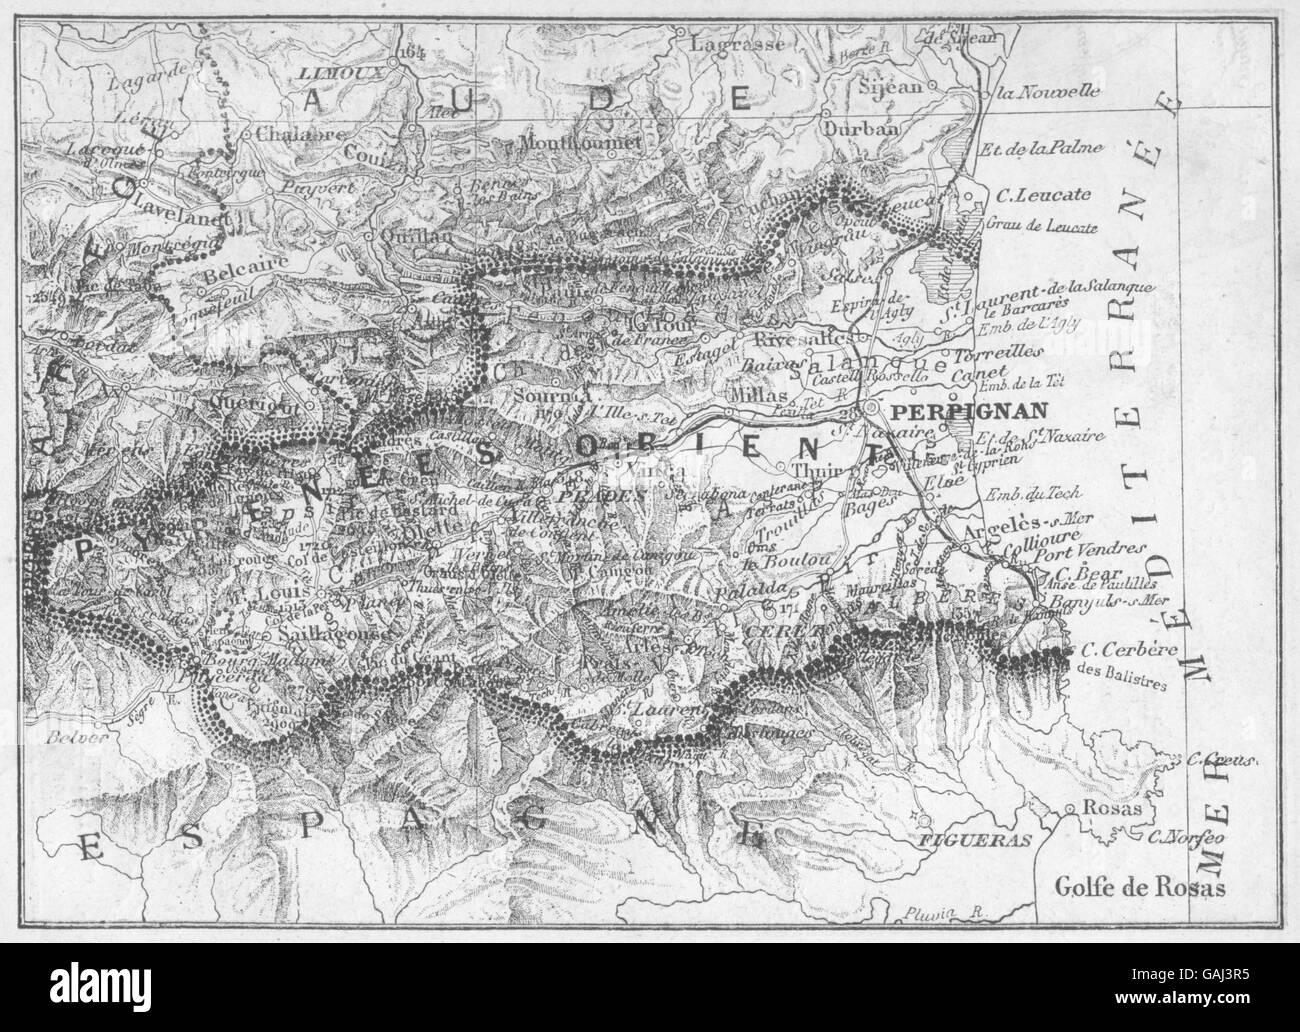 Antiques Pyrenees-orientales 1878 Old Antique Map Plan Chart PyrÉnÉes-orientales Art